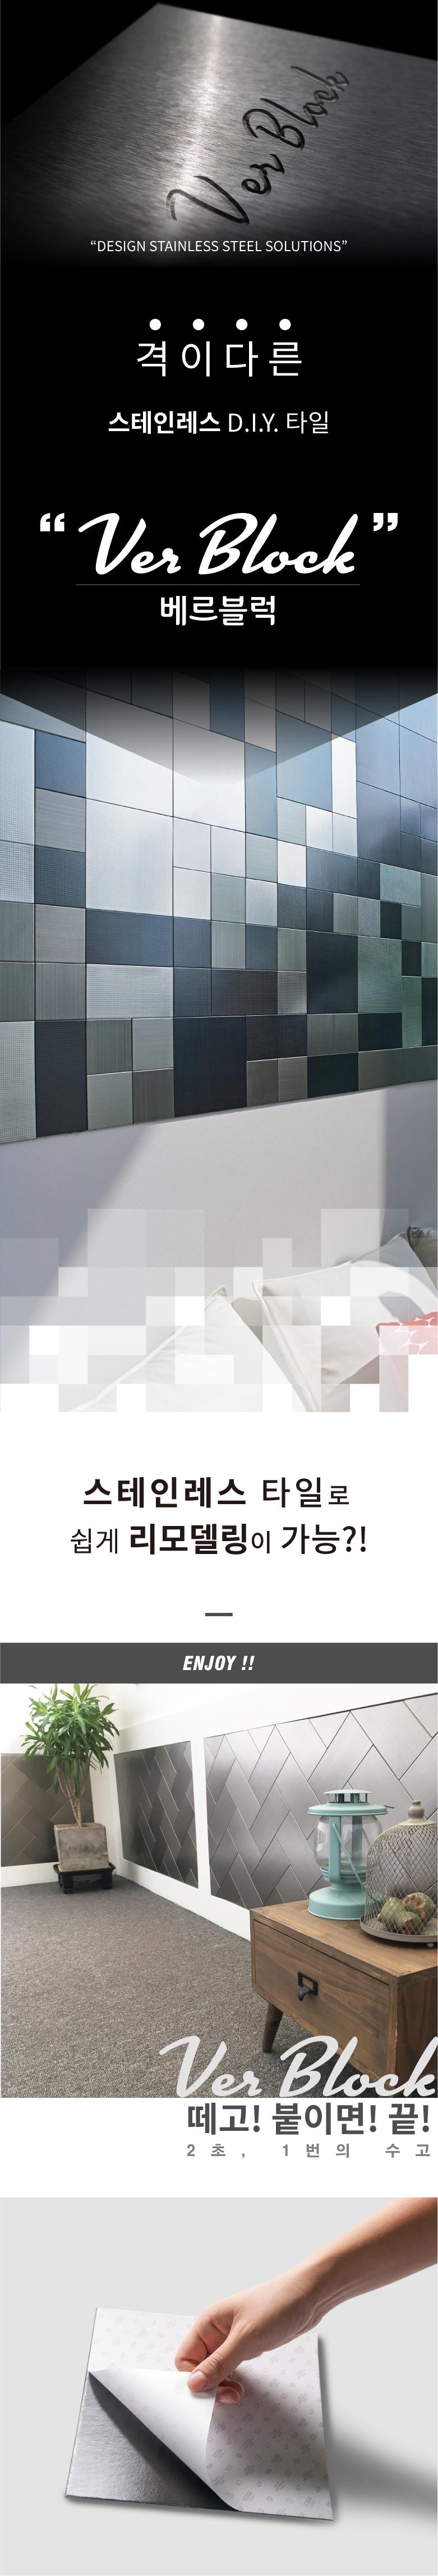 점착식 스텐레스타일 체크실버 (가로)10cm×(세로)10cm - 데코사랑, 860원, 장식/부자재, 벽장식